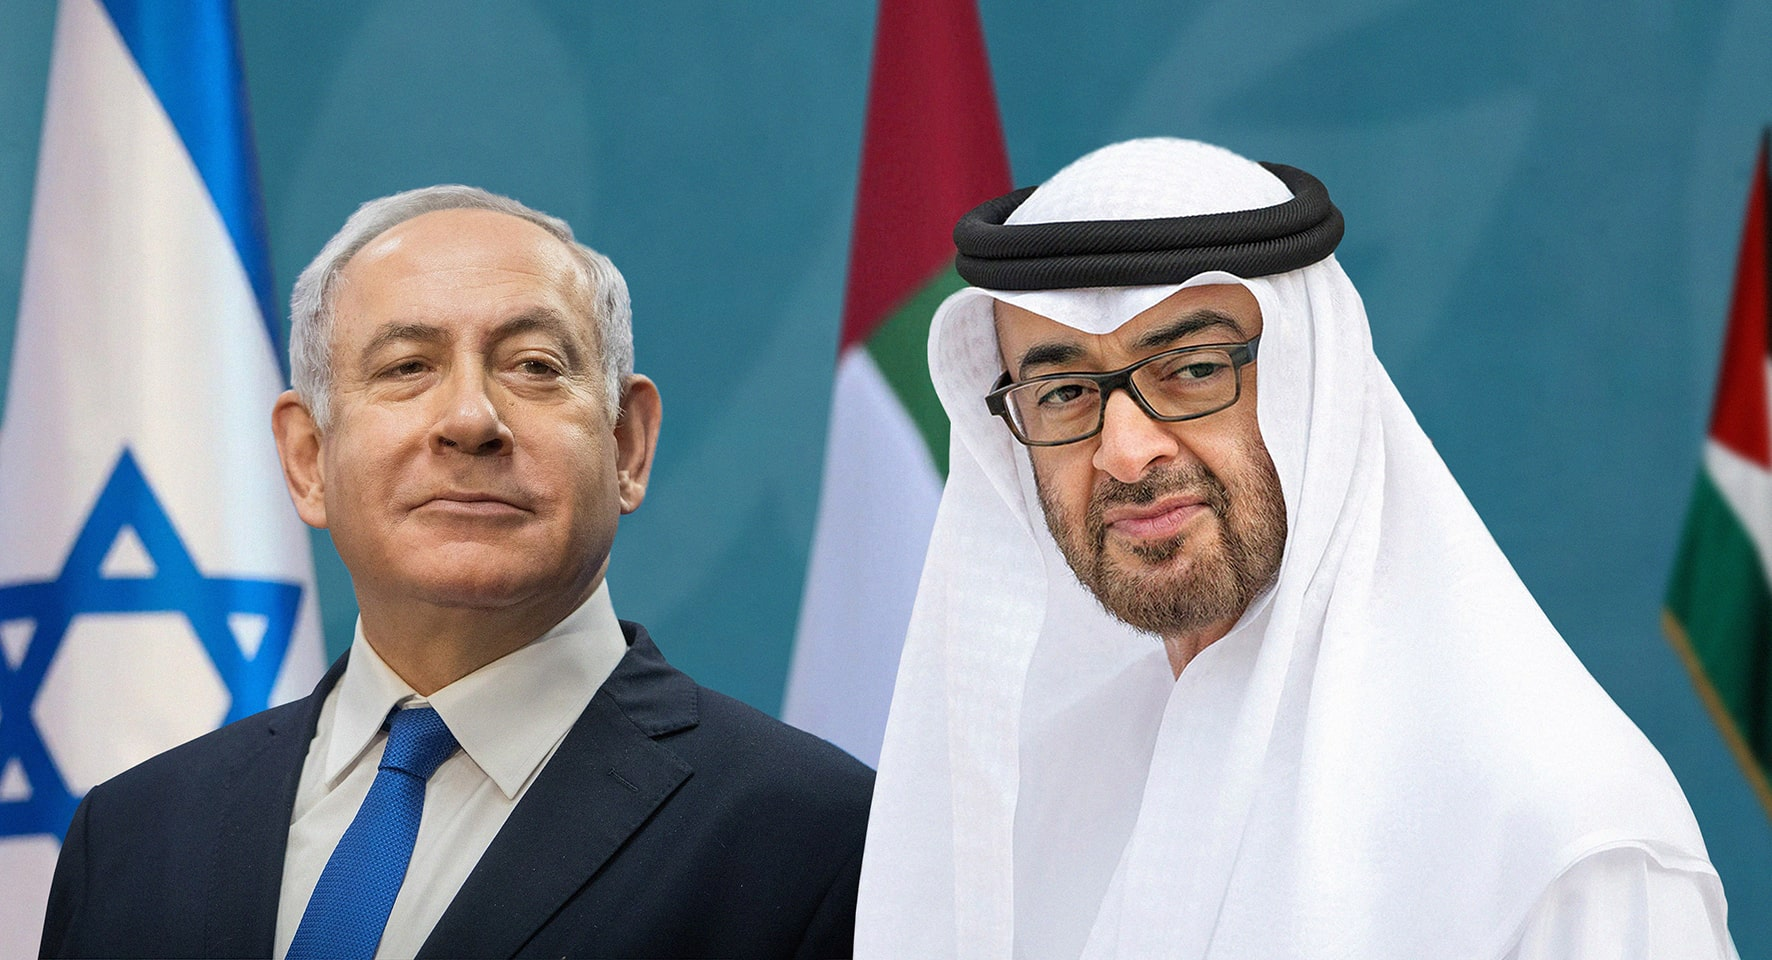 صورة الإمارات تختار إسرائيل دوناً عن كل دول العالم للتعاون معها في إنتاج لقاح كورونا لضمان حصول الفلسطينيين عليه